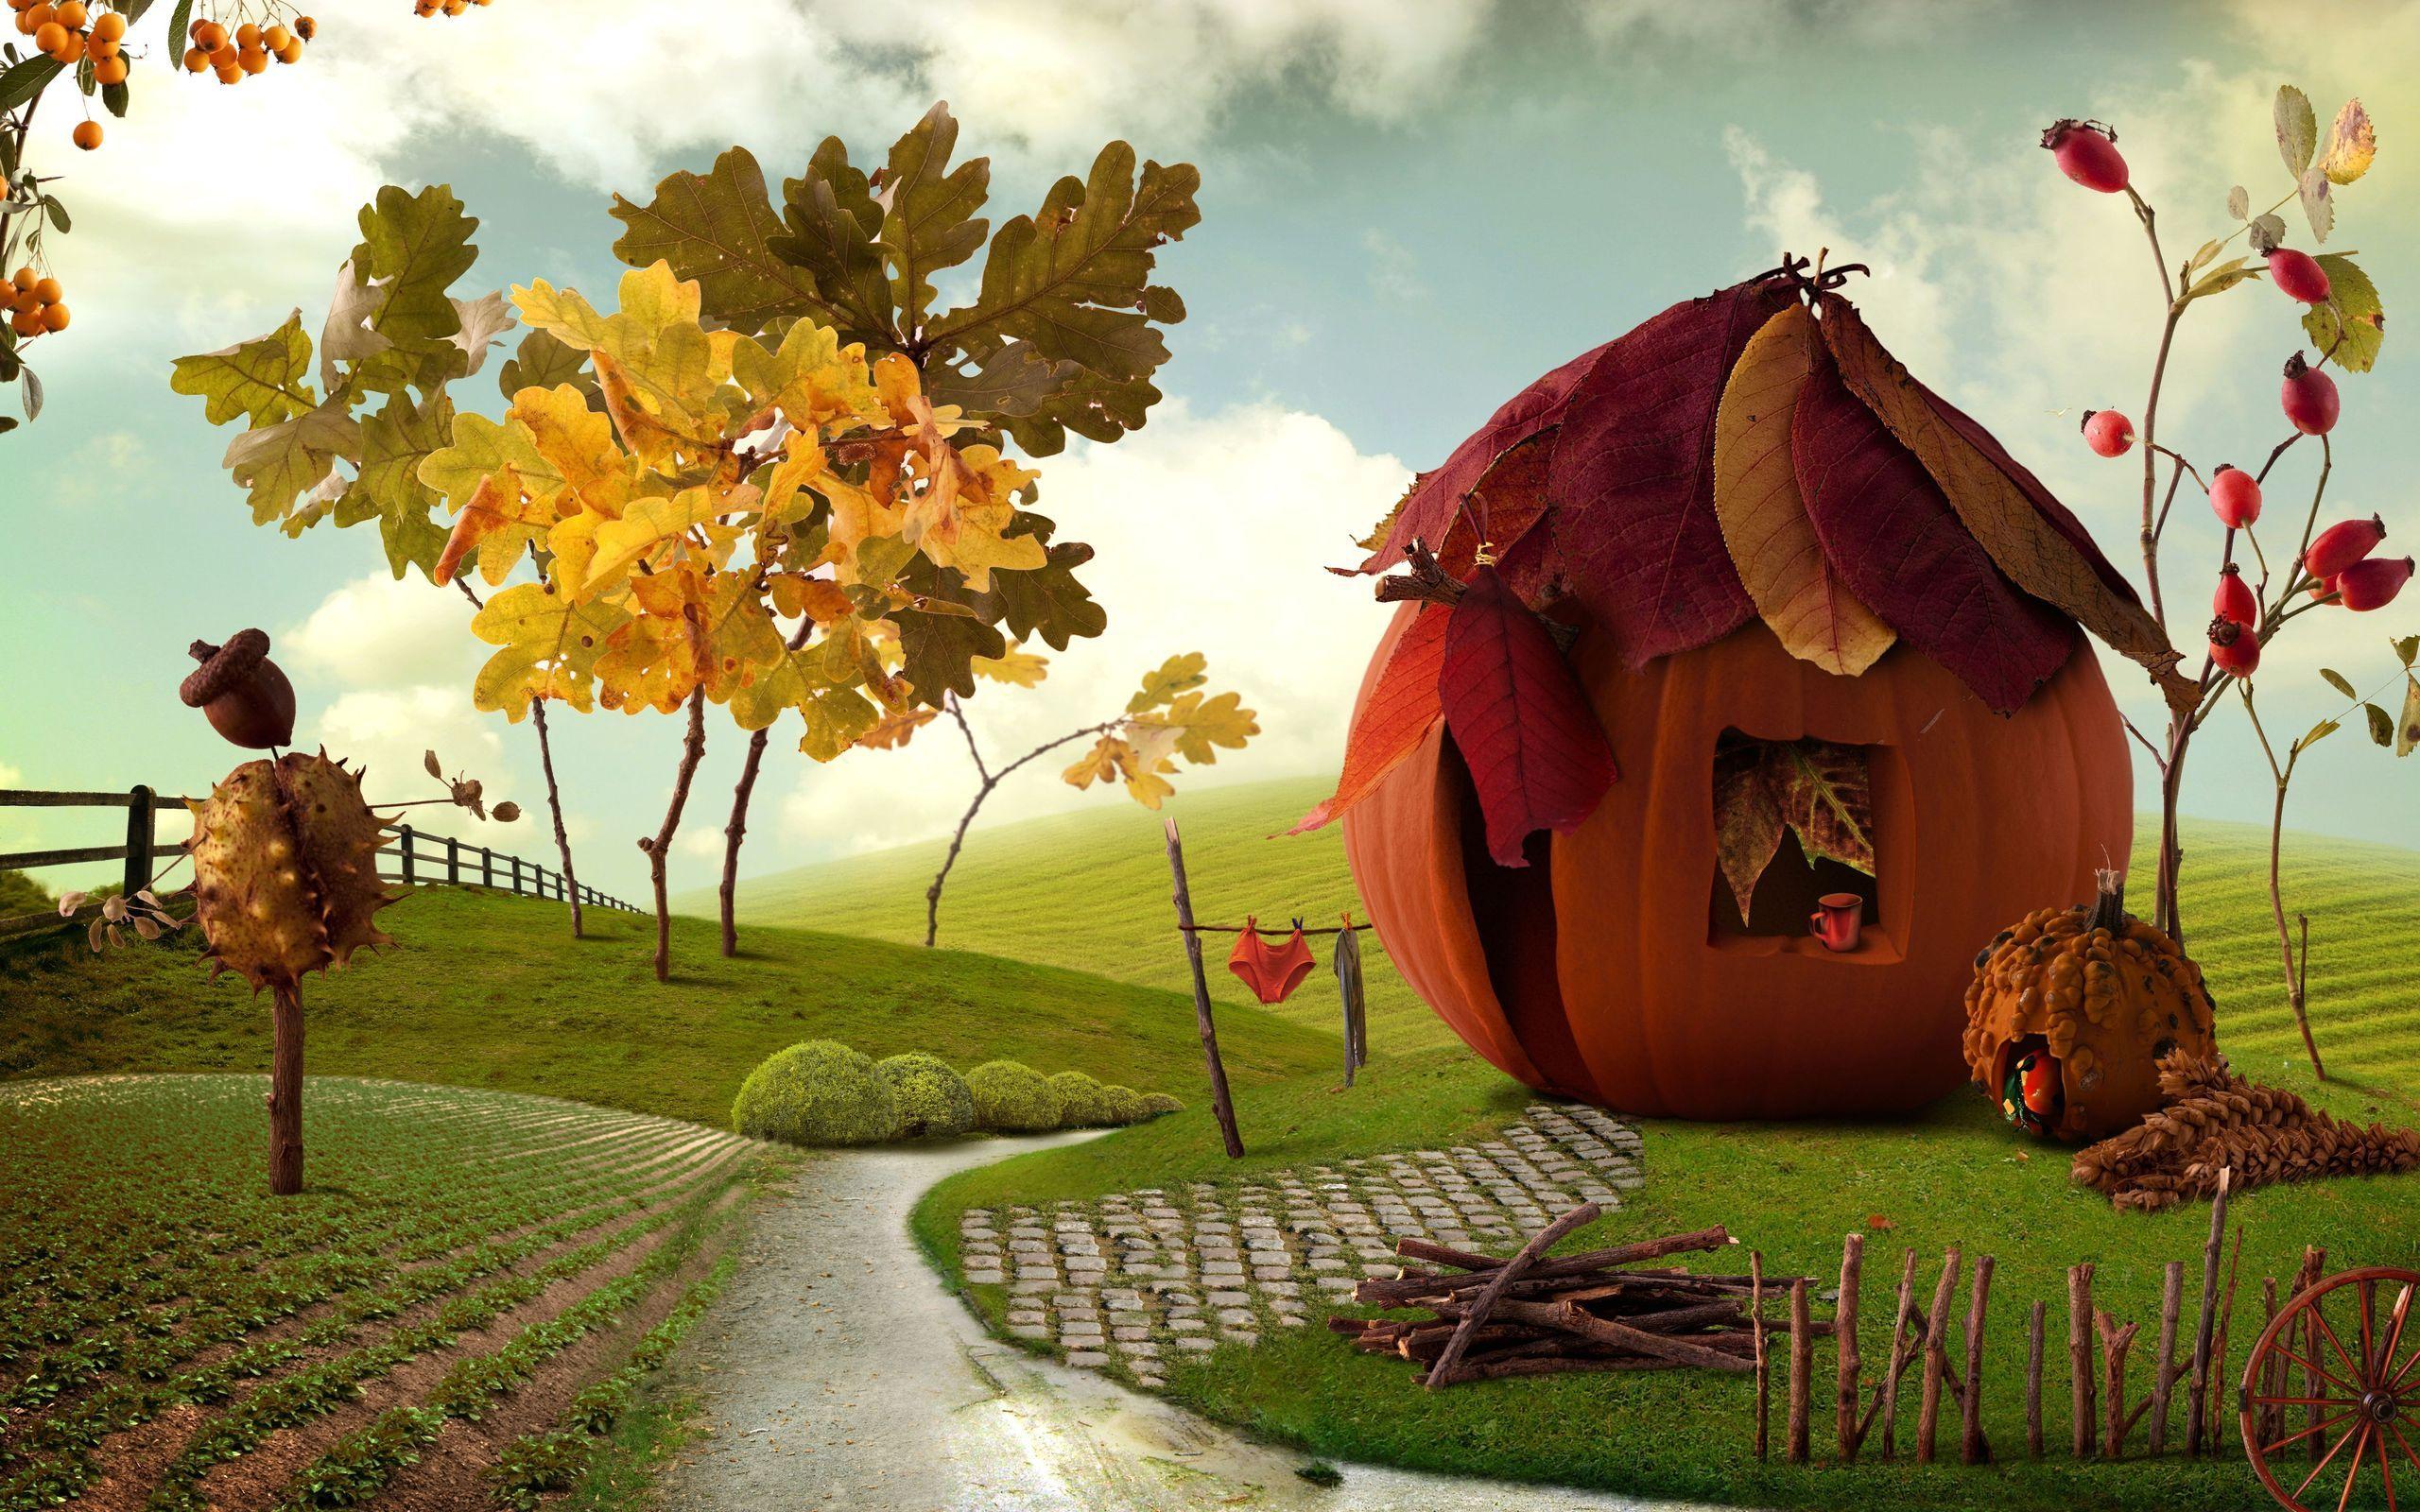 Cute Thanksgiving Wallpaper for Desktop 2560x1600